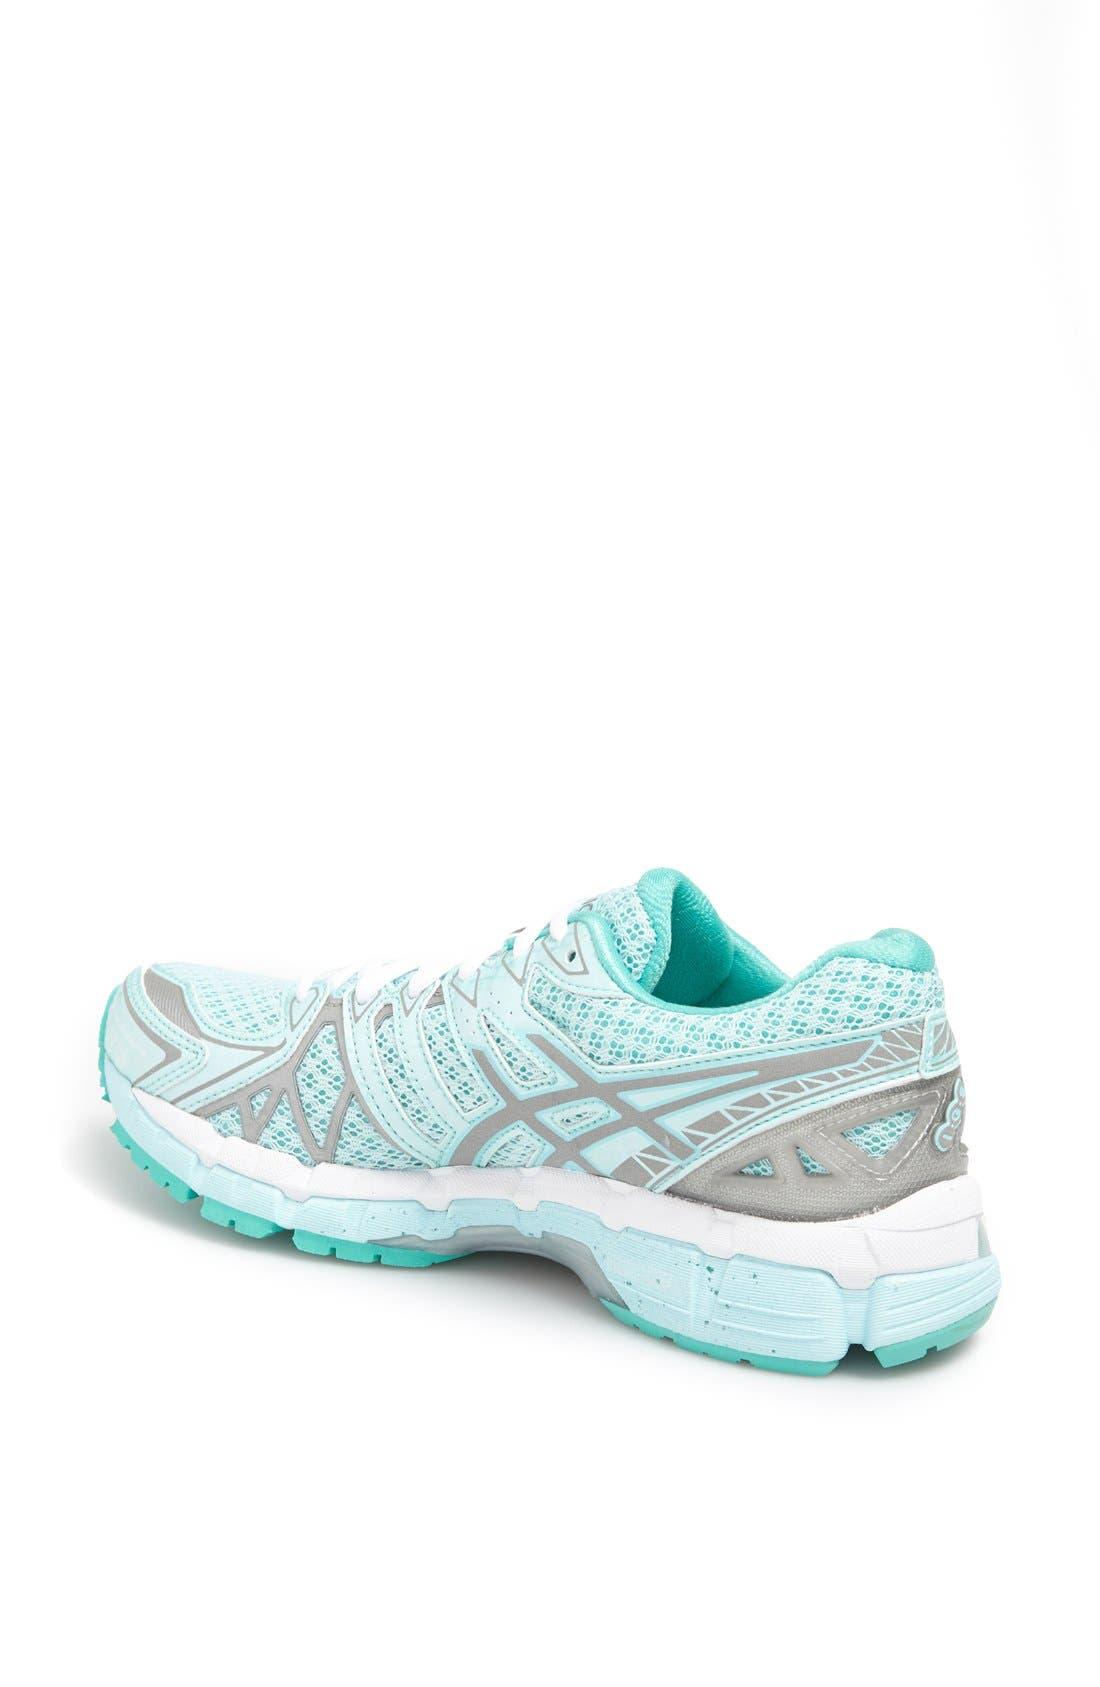 Alternate Image 2  - ASICS® 'GEL-Kayano® 20 Lite' Running Shoe (Women) (Regular Retail Price: $169.95)